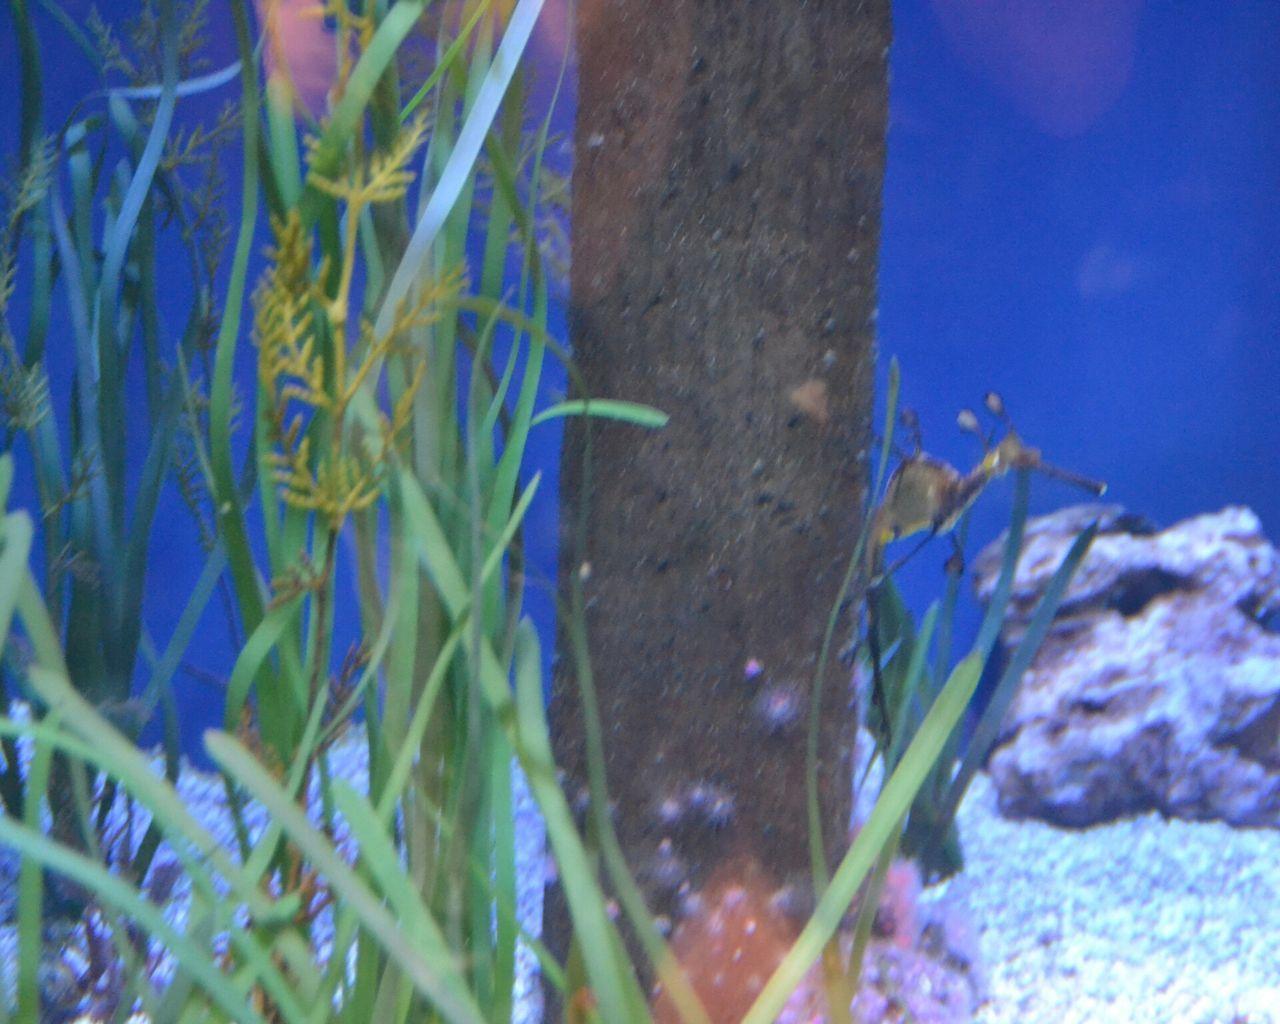 Sea Dragon Multi Colored No People Animal Themes Aquarium Underwater Oceanographic Aquarium Photography Animal Animals In Captivity Indoors